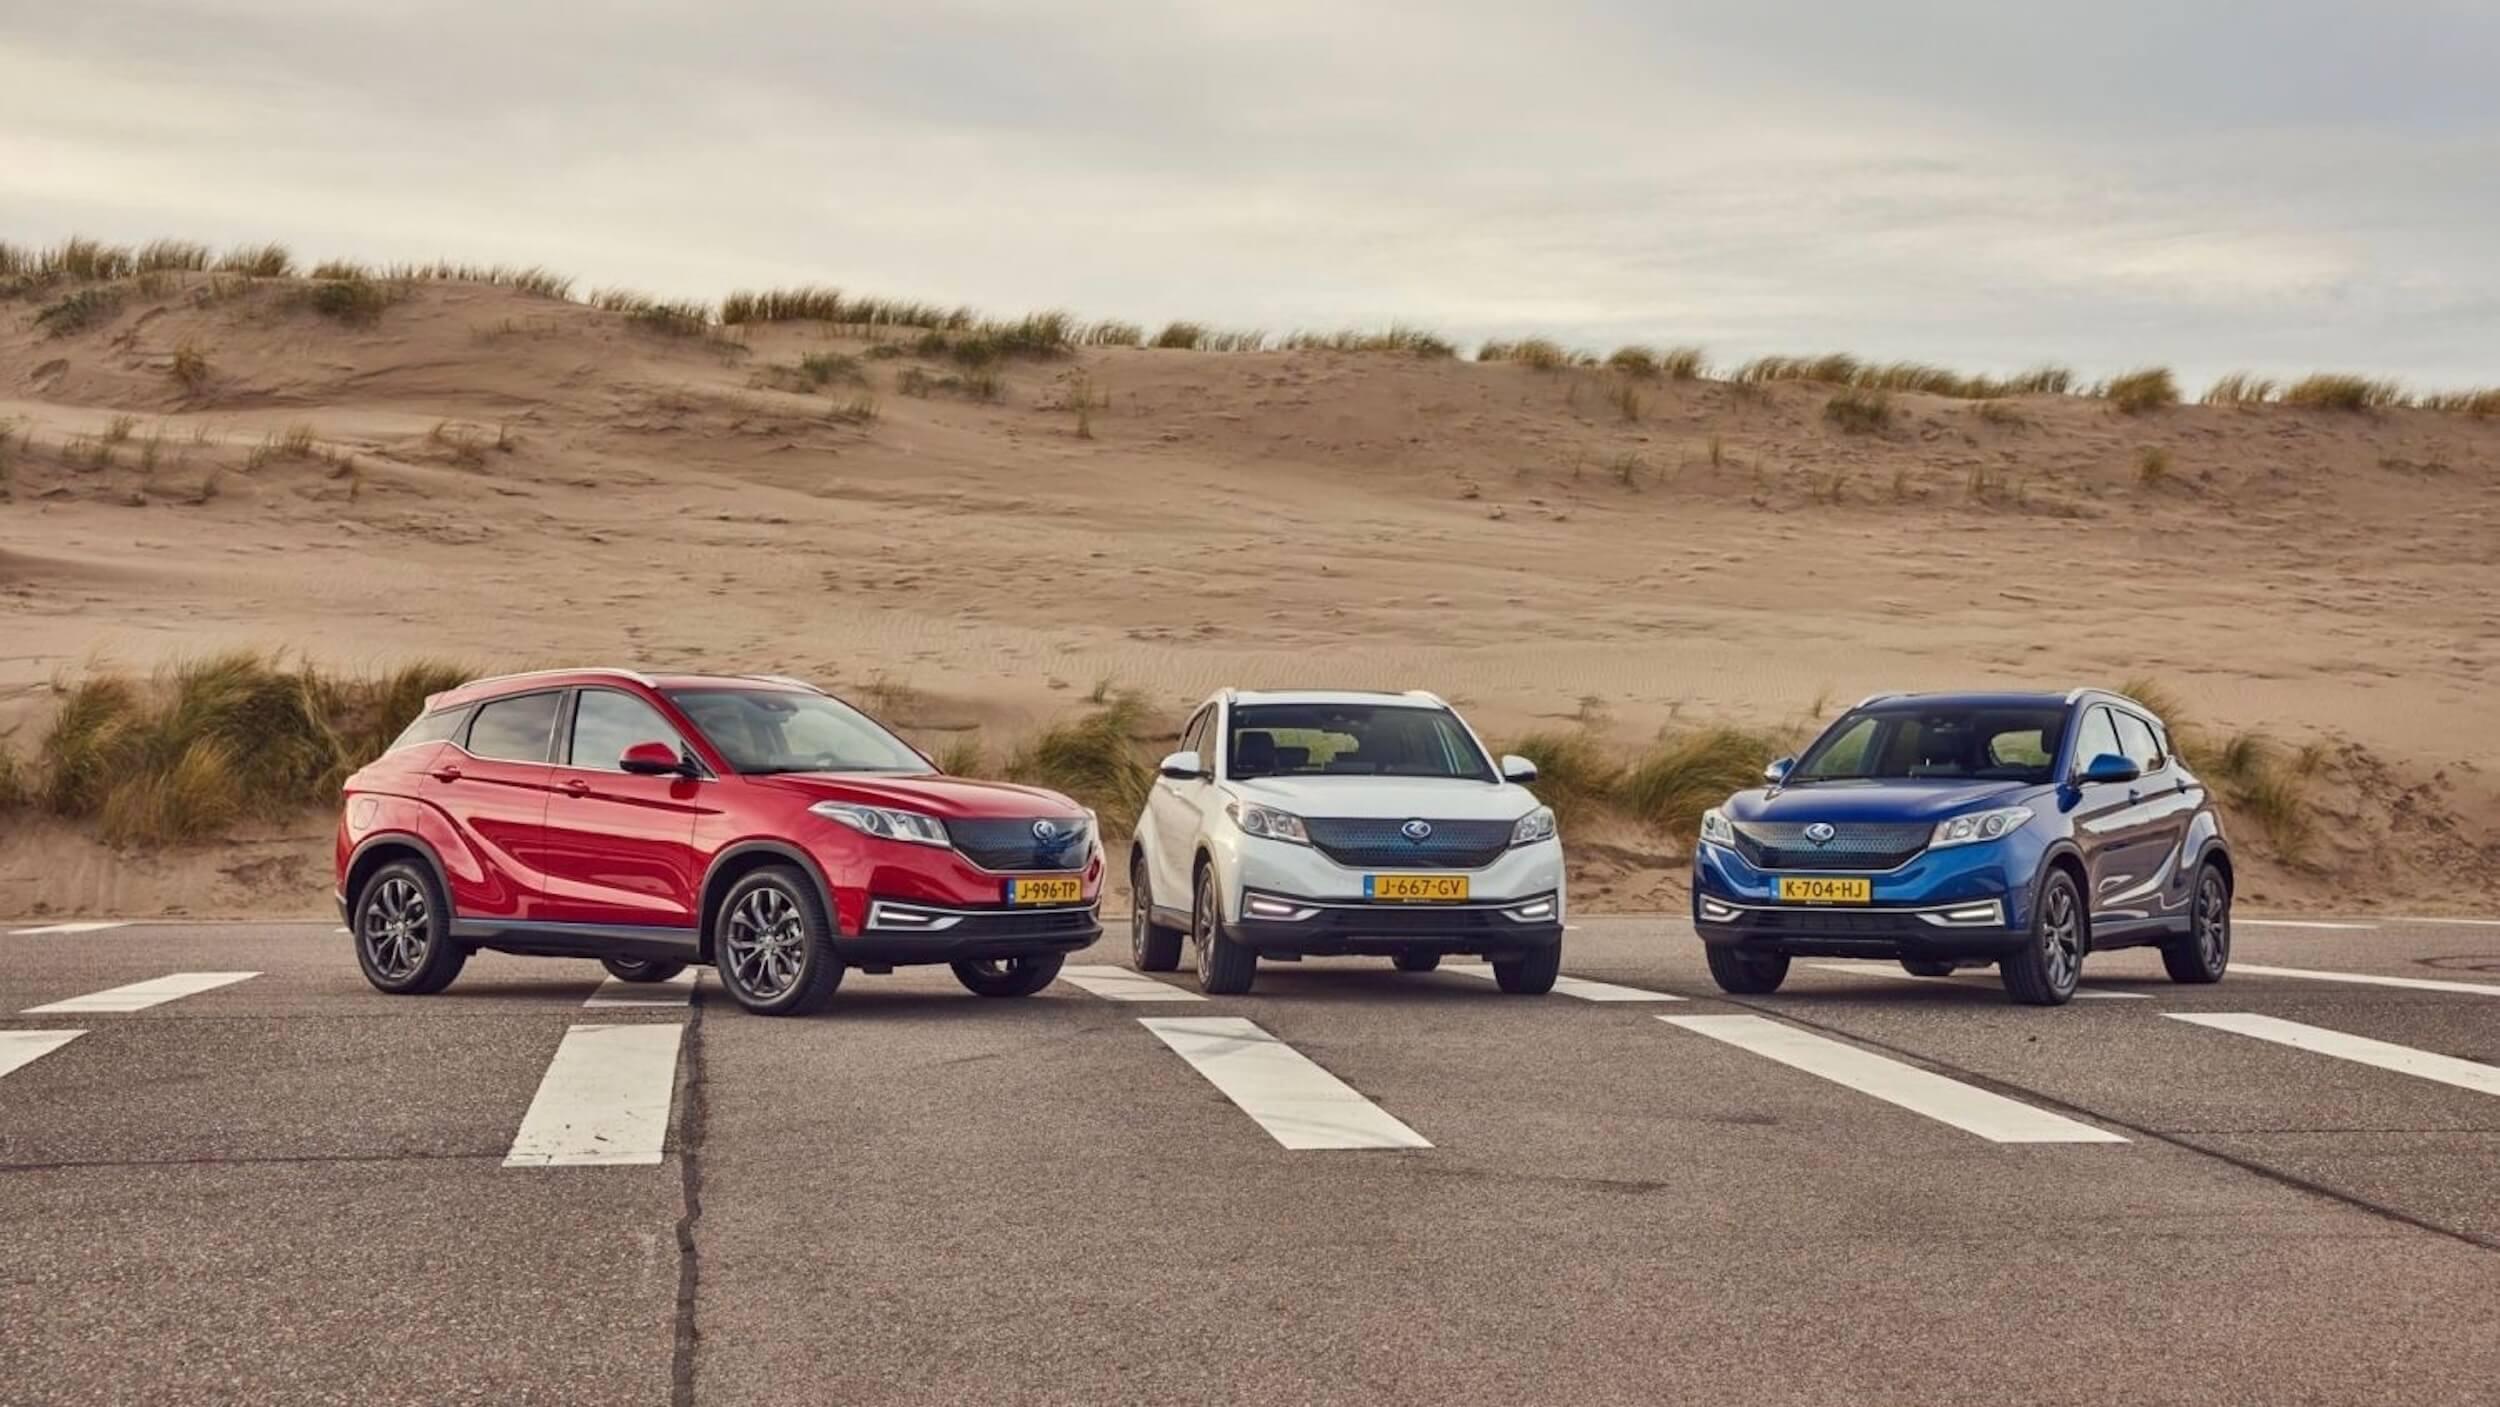 Drie Seres 3 autos naast elkaar